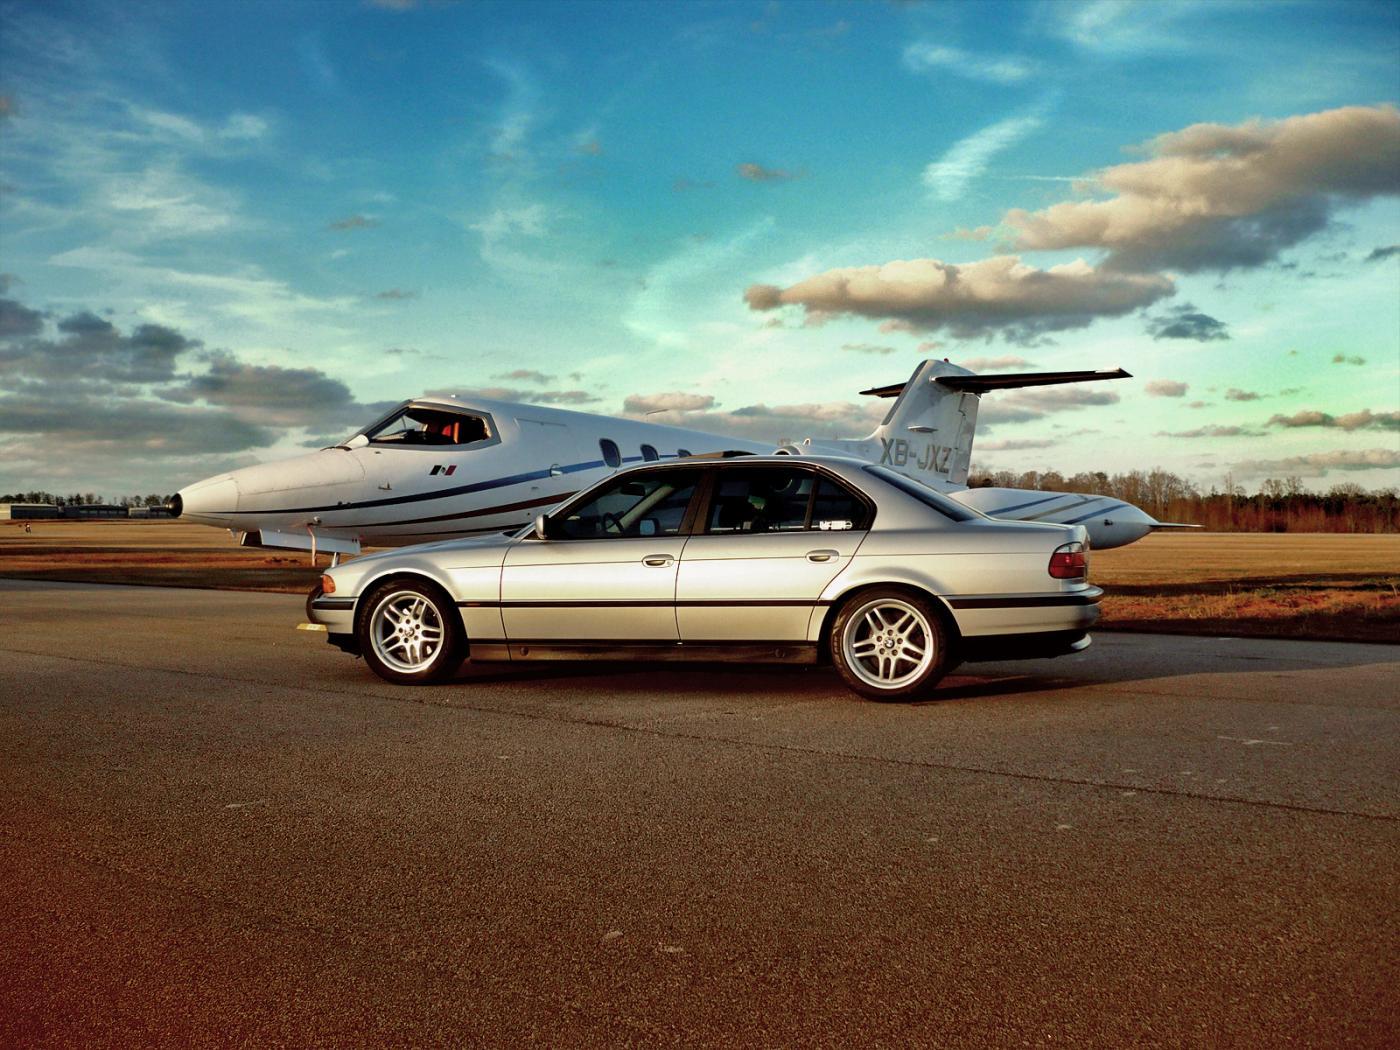 BMW-E38-7.jpeg